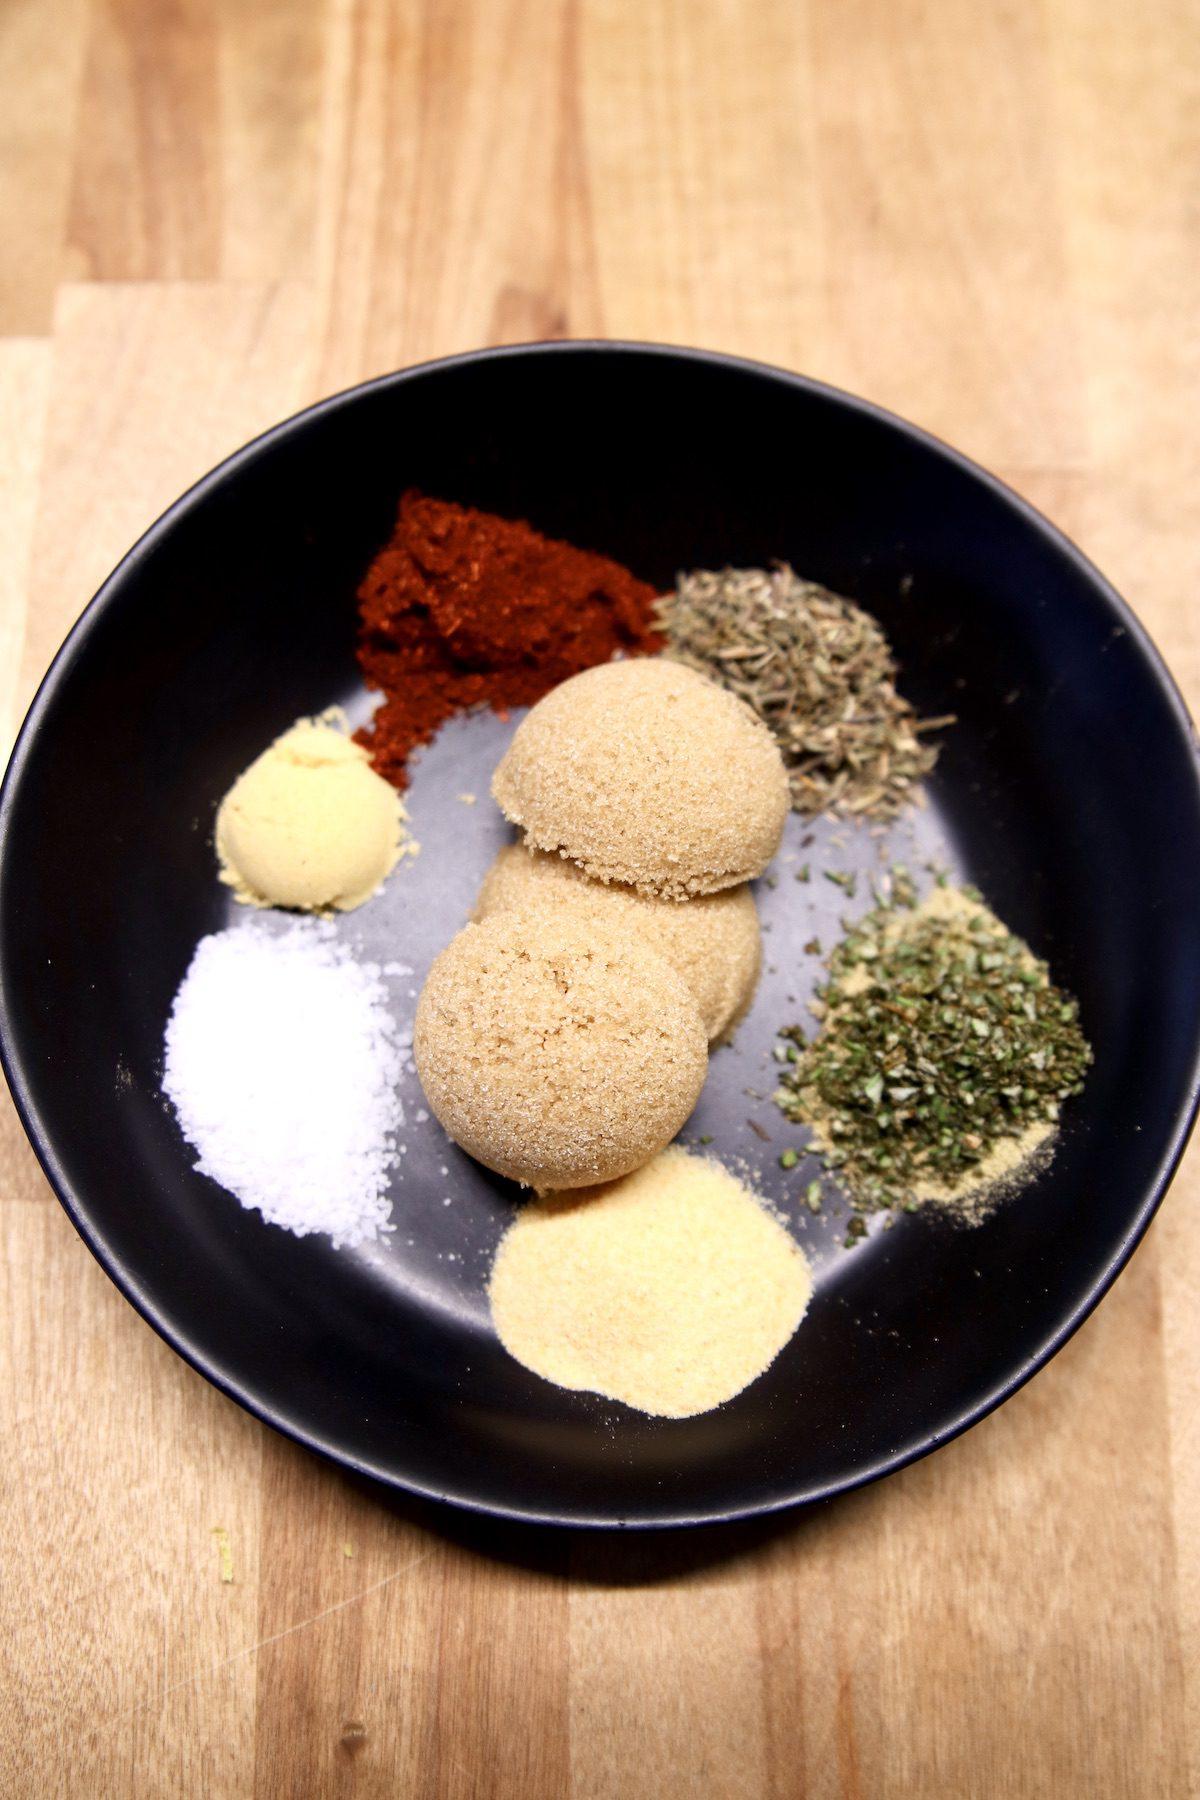 seasonings in a black bowl for fish rub